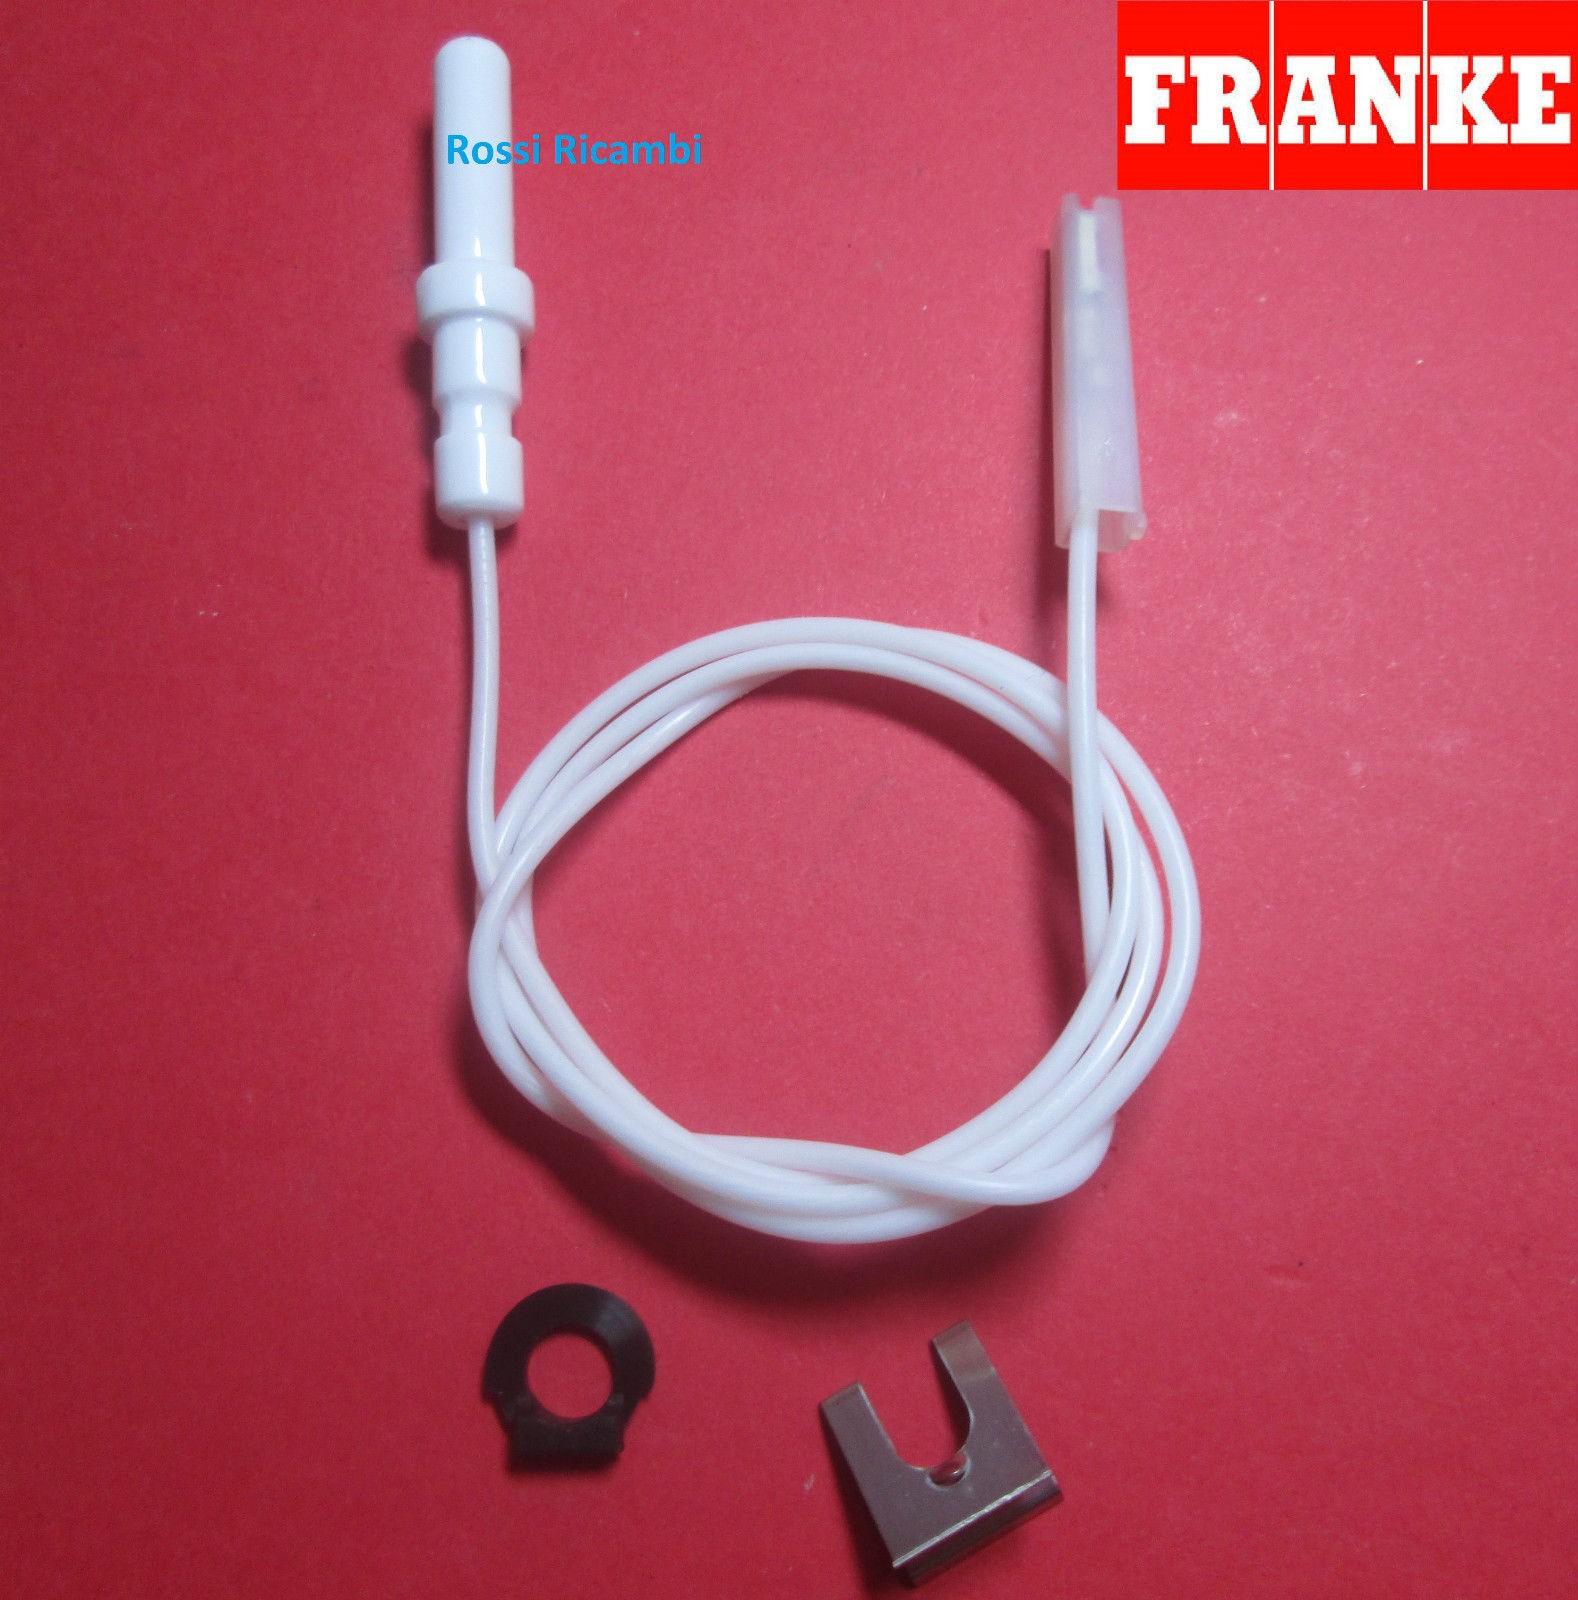 FRANKE 1981091 ORIGINALE MICROINTERRUTTORI CANDELETTA ACCENSIONE CATENARIA